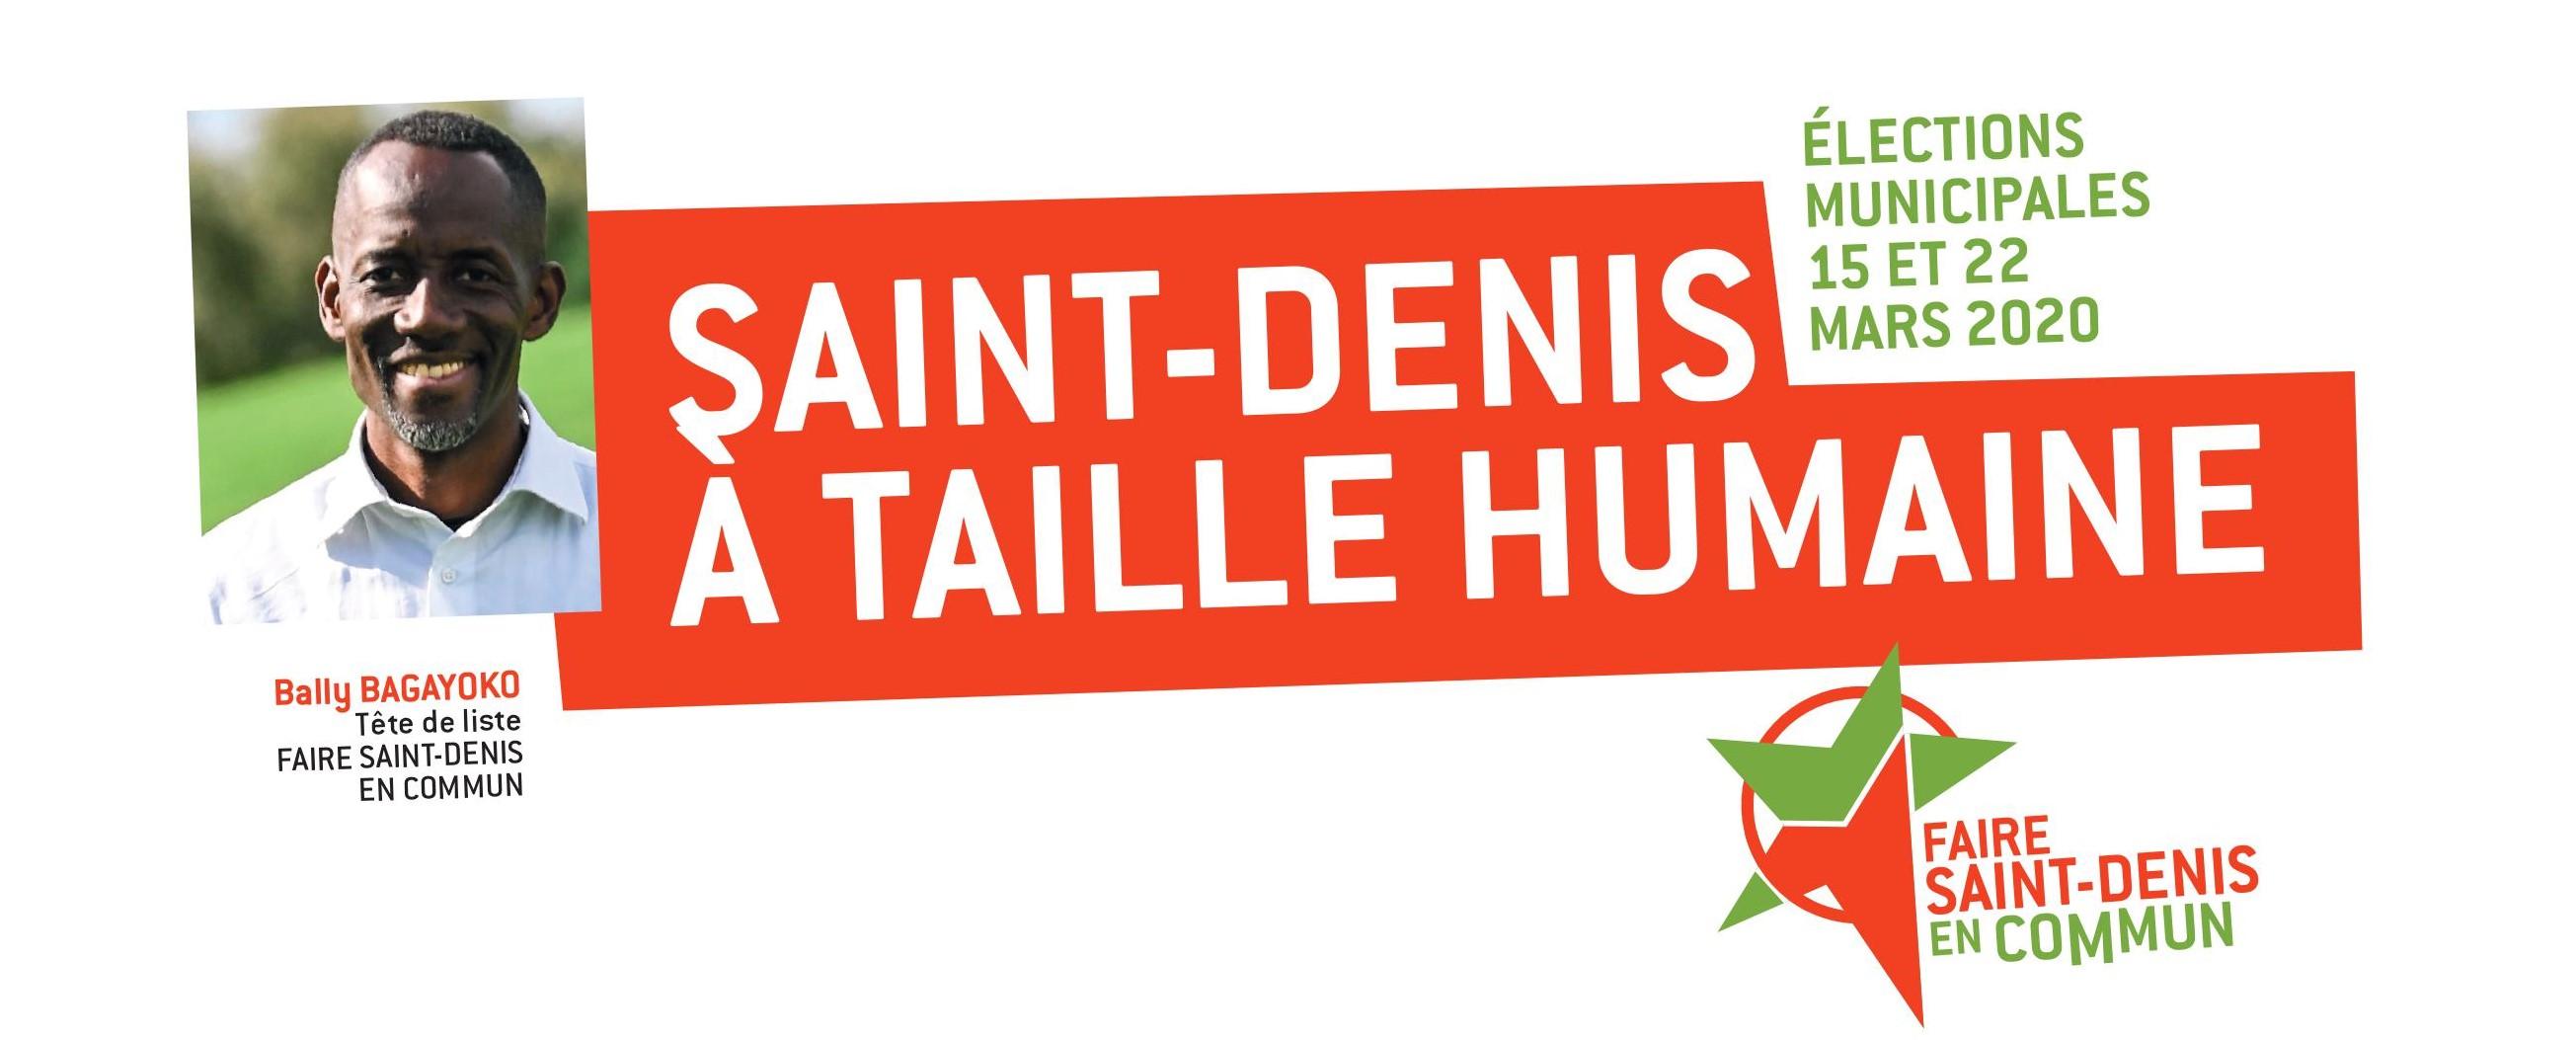 Elections Municipales Mars 2020 : Saint-Denis à taille humaine ! C'est possible !